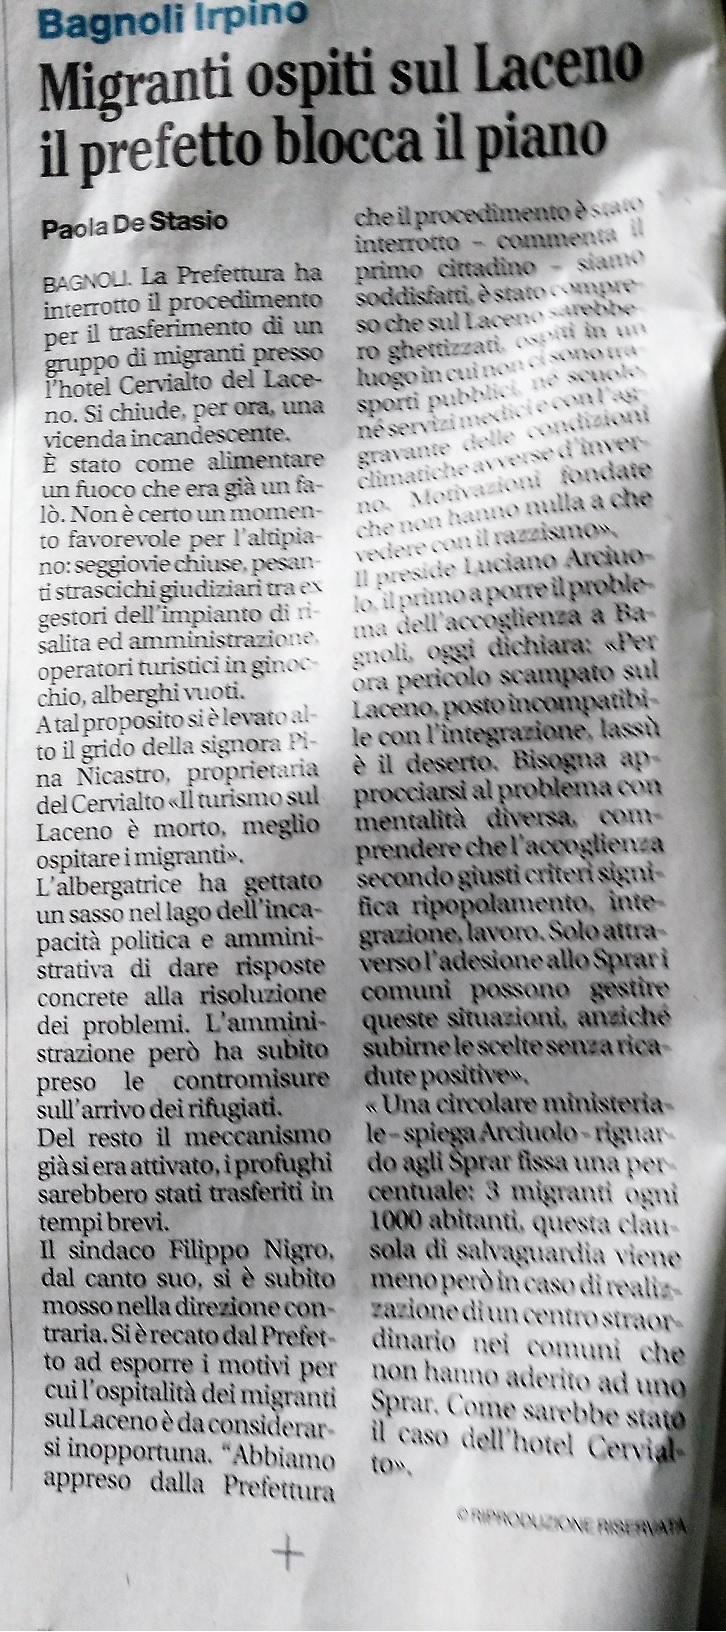 Il-Mattino-30.11.2017-Migranti-No-Prefettura